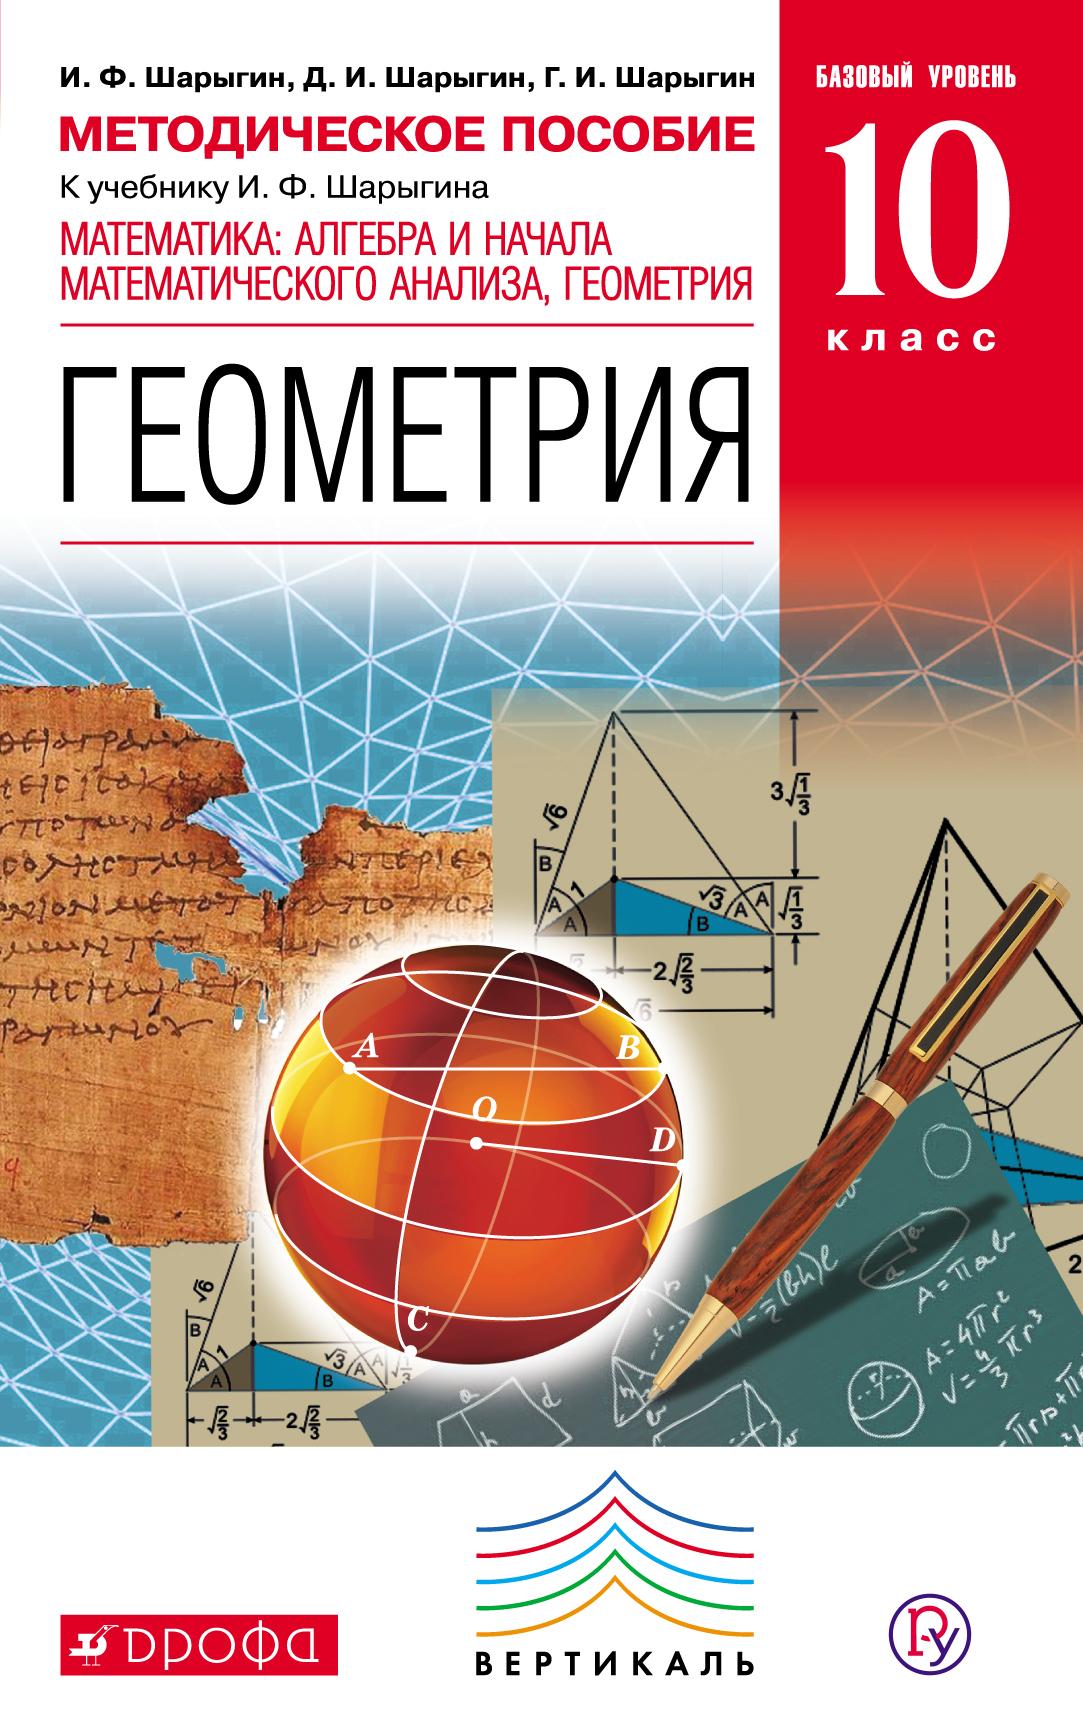 Методическое пособие к учебнику И. Ф. Шарыгина «Математика: алгебра и начала математического анализа, геометрия. Геометрия. Базовый уровень. 10 класс»